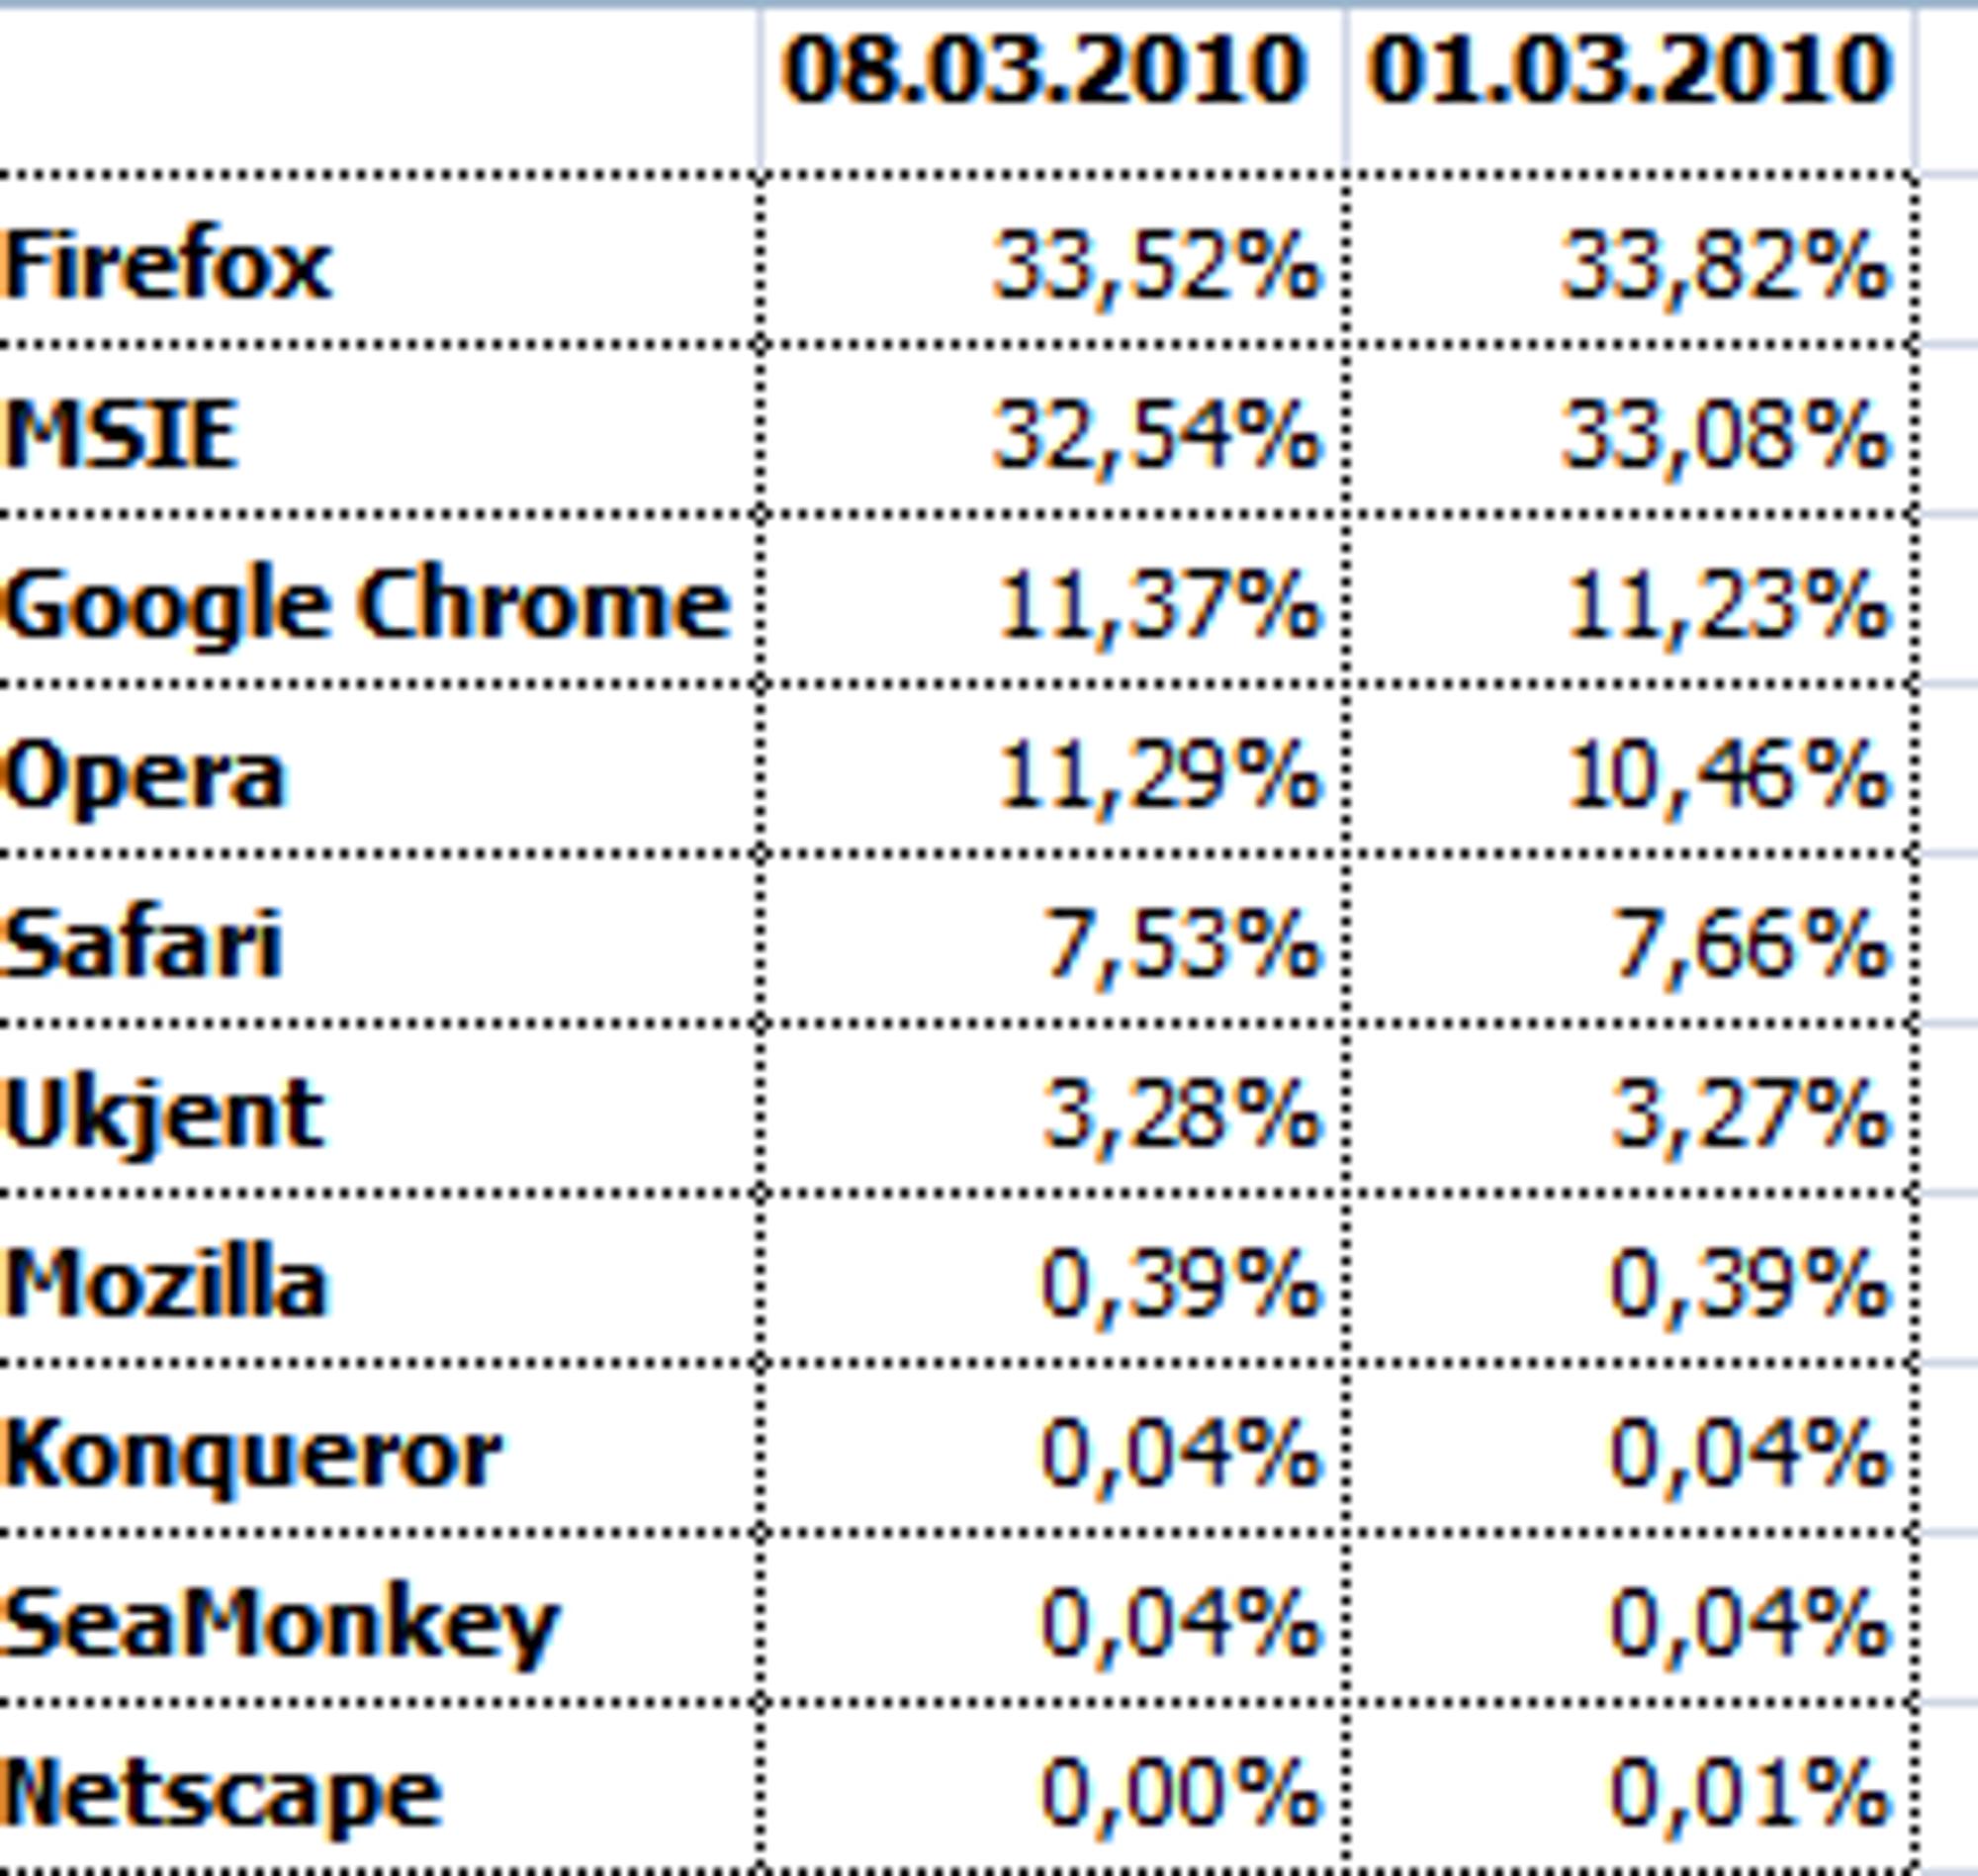 Nettleserandeler før og etter at utrullingen av valgskjermen startet for digi.no.